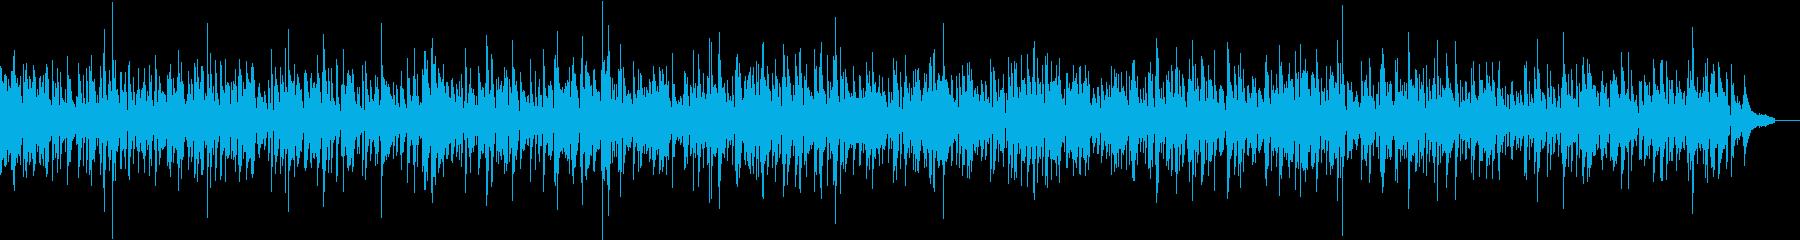 爽やかなアコギ中心のおしゃれカフェBGMの再生済みの波形